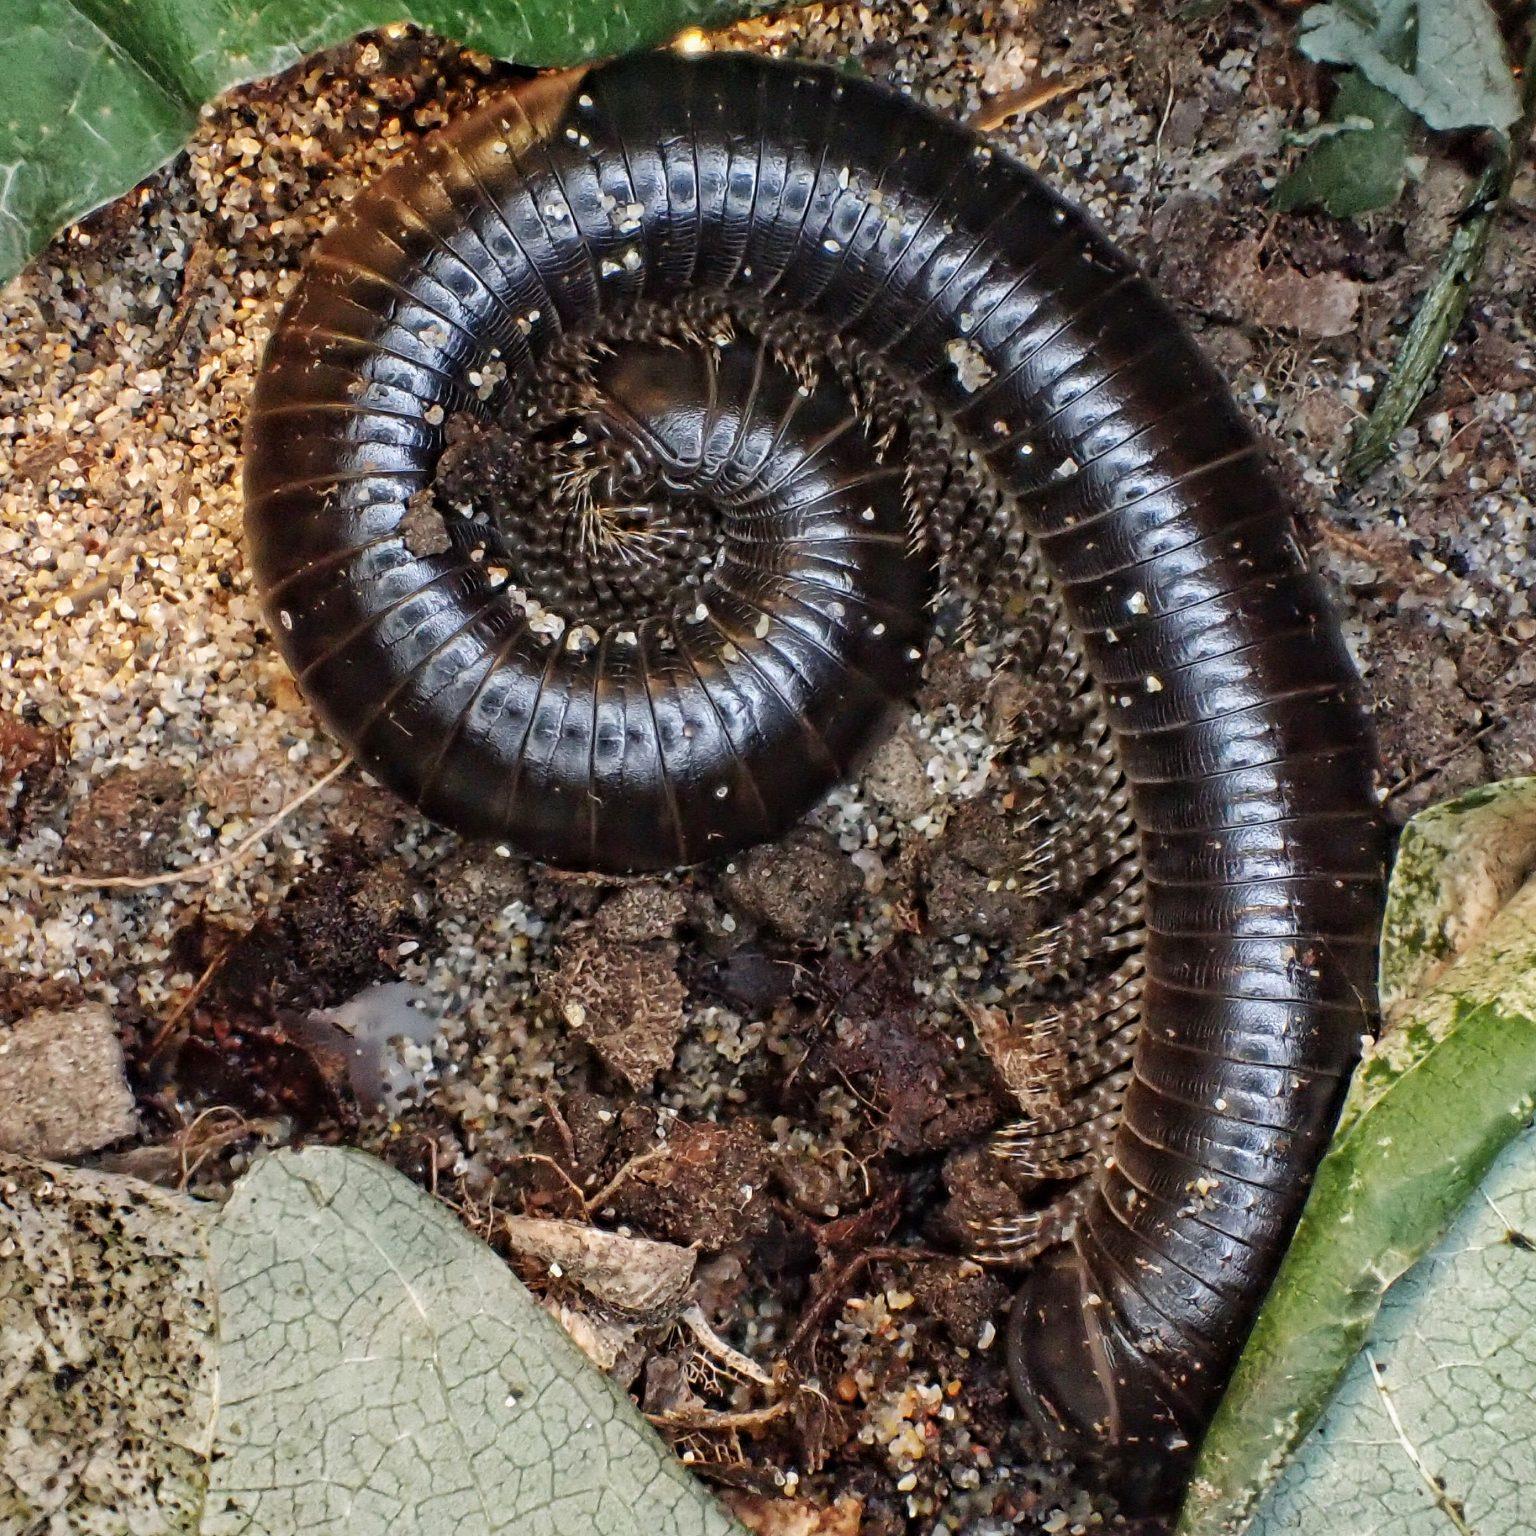 Tylobolus uncigerus